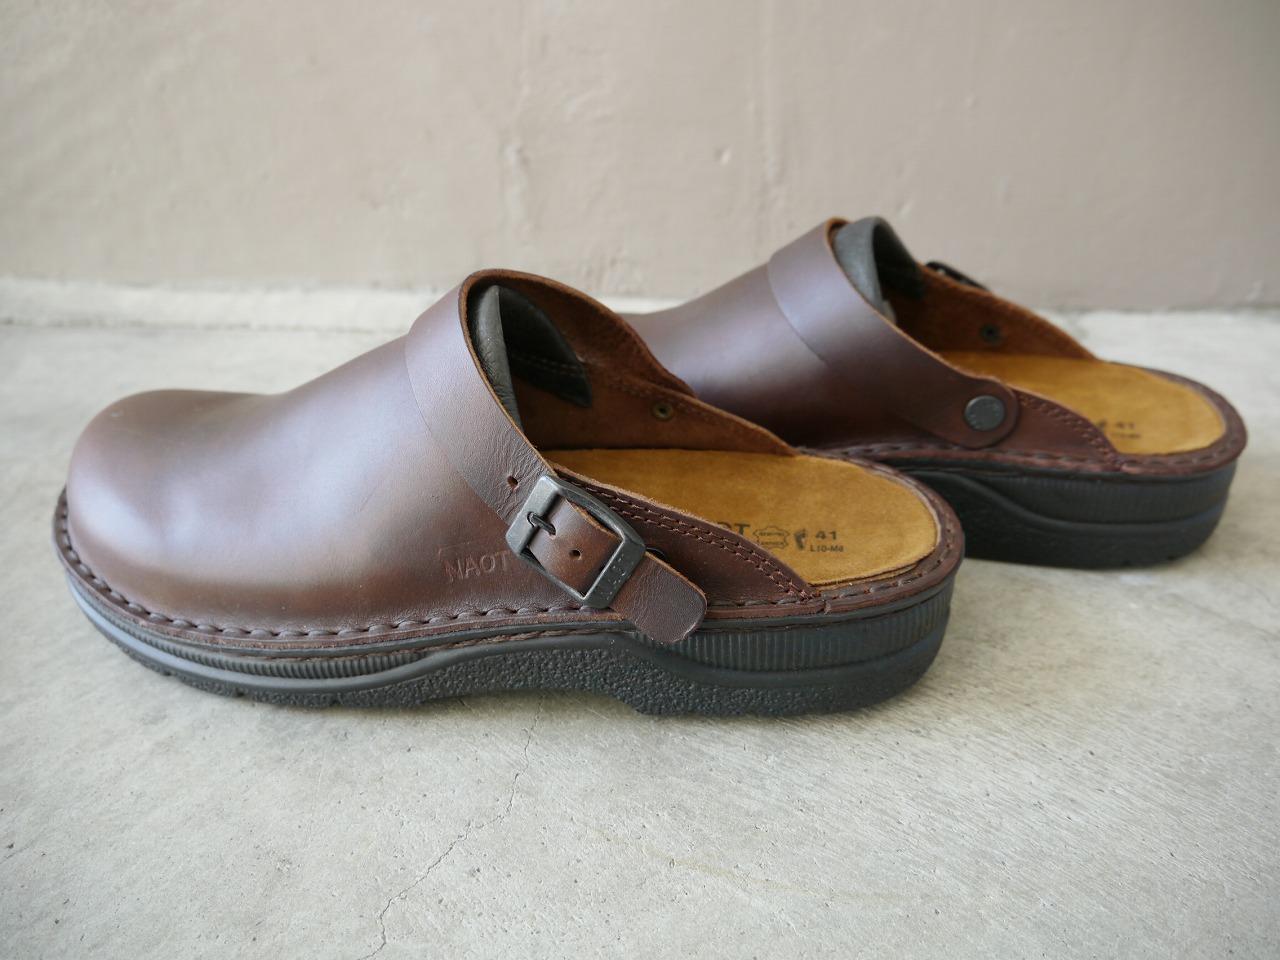 履き心地が良く、脱ぎ履きが便利で日常履きにはぴったりの靴です。 ベルトは、かかとにまわして引っ掛けて履くこともできます。  ソックスとの組み合わせも、いろいろ